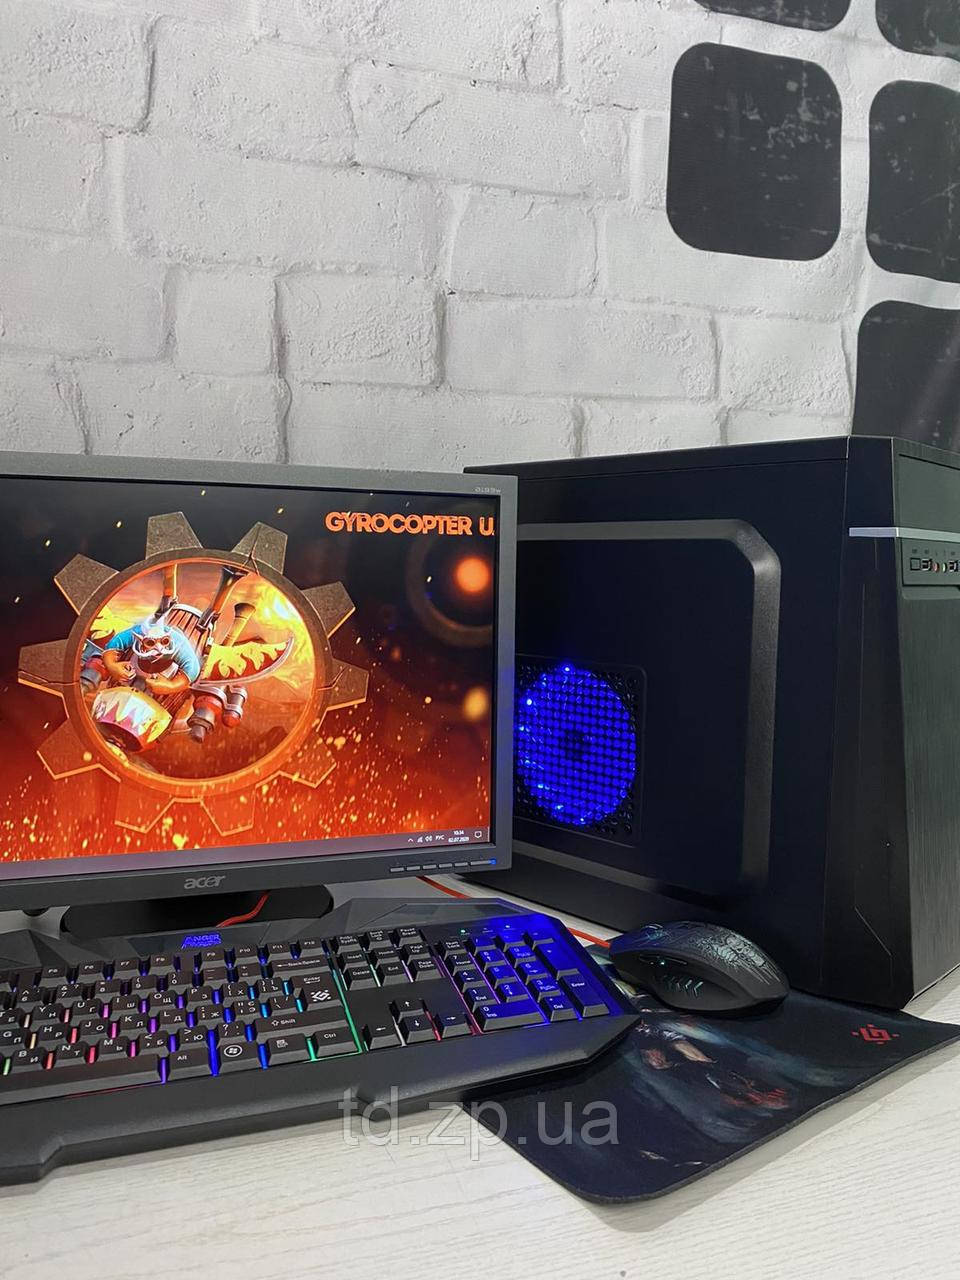 Игровой компьютер Intel Core i3-3220 4x3.4Ghz + NVIDIA GeForce GTX 750ti + 8Gb DDR3 + 320Gb HDD